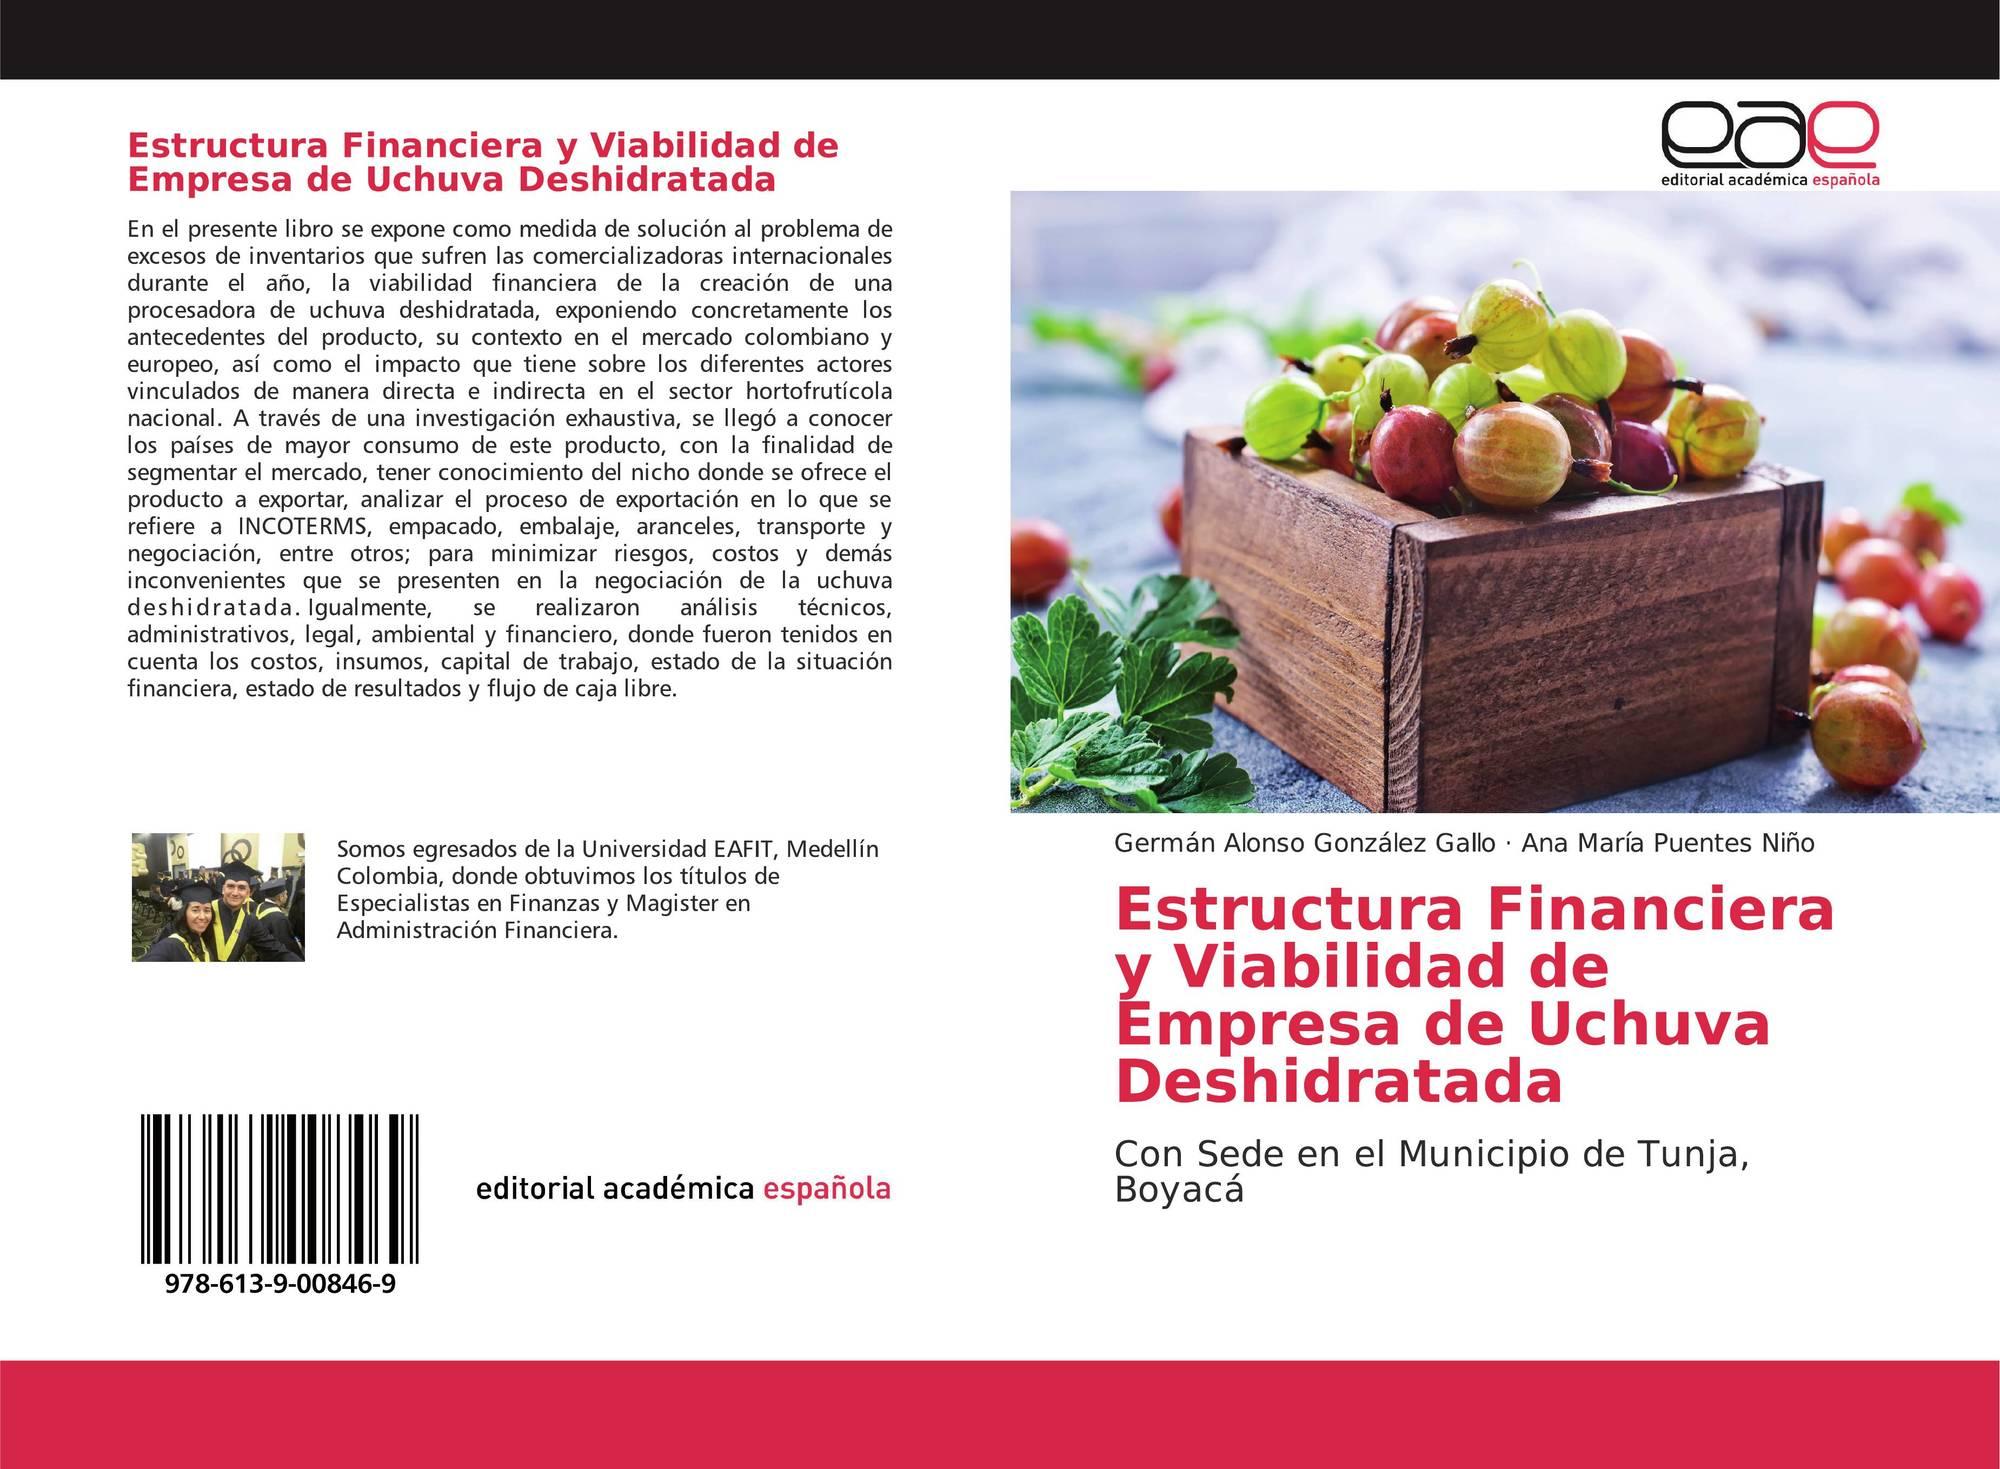 Estructura Financiera Y Viabilidad De Empresa De Uchuva